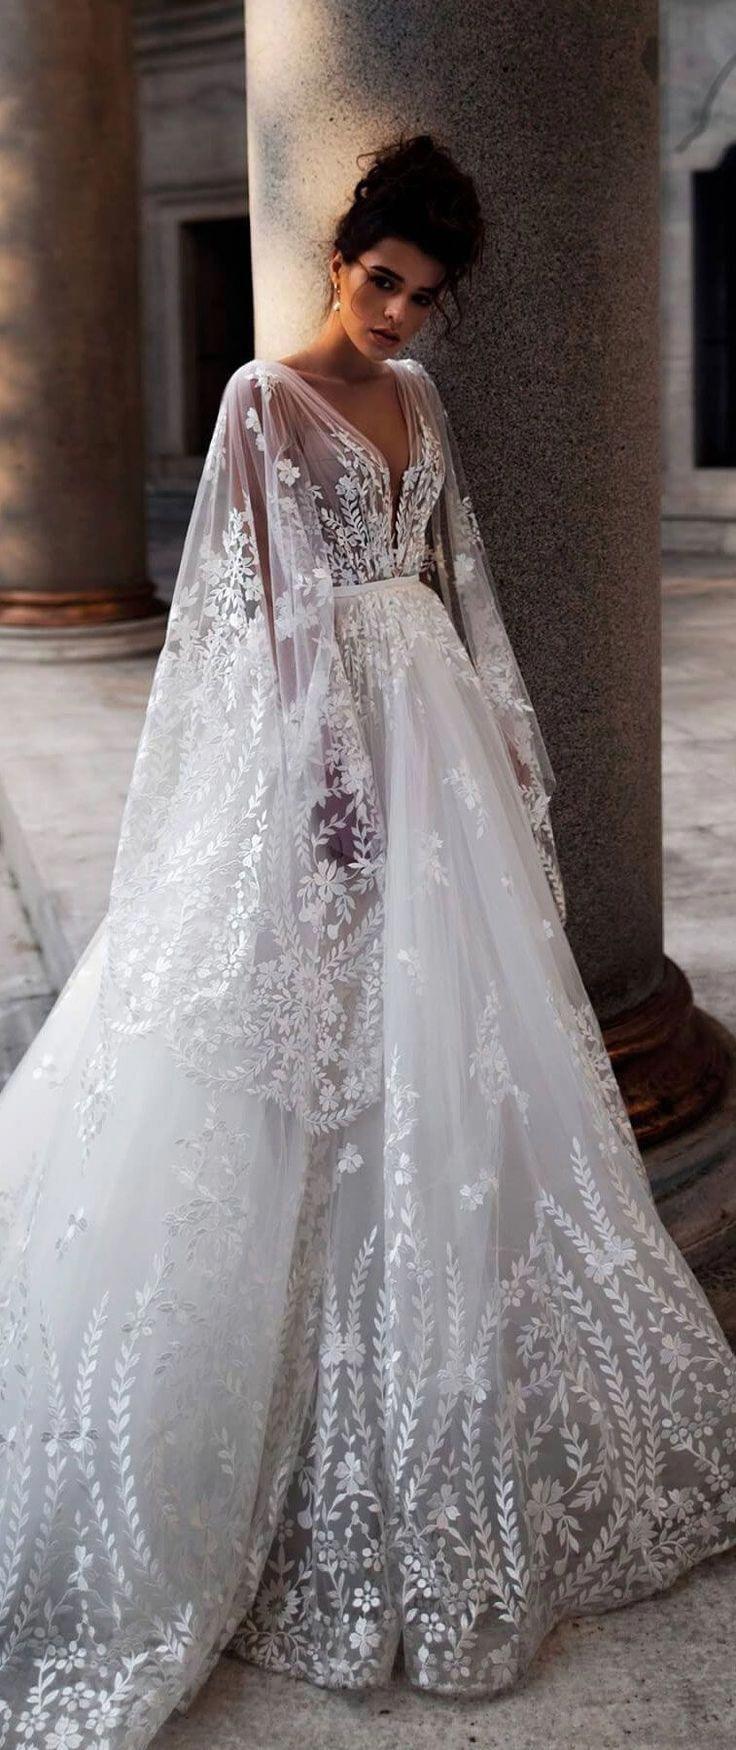 Wedding Cakes In Dallas Tx   Long train wedding dress, Trendy ...